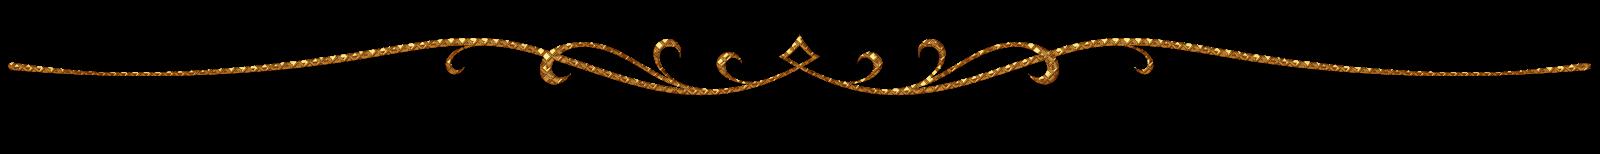 El culto de Ziost [Solitaria] Insert+3+with+gold